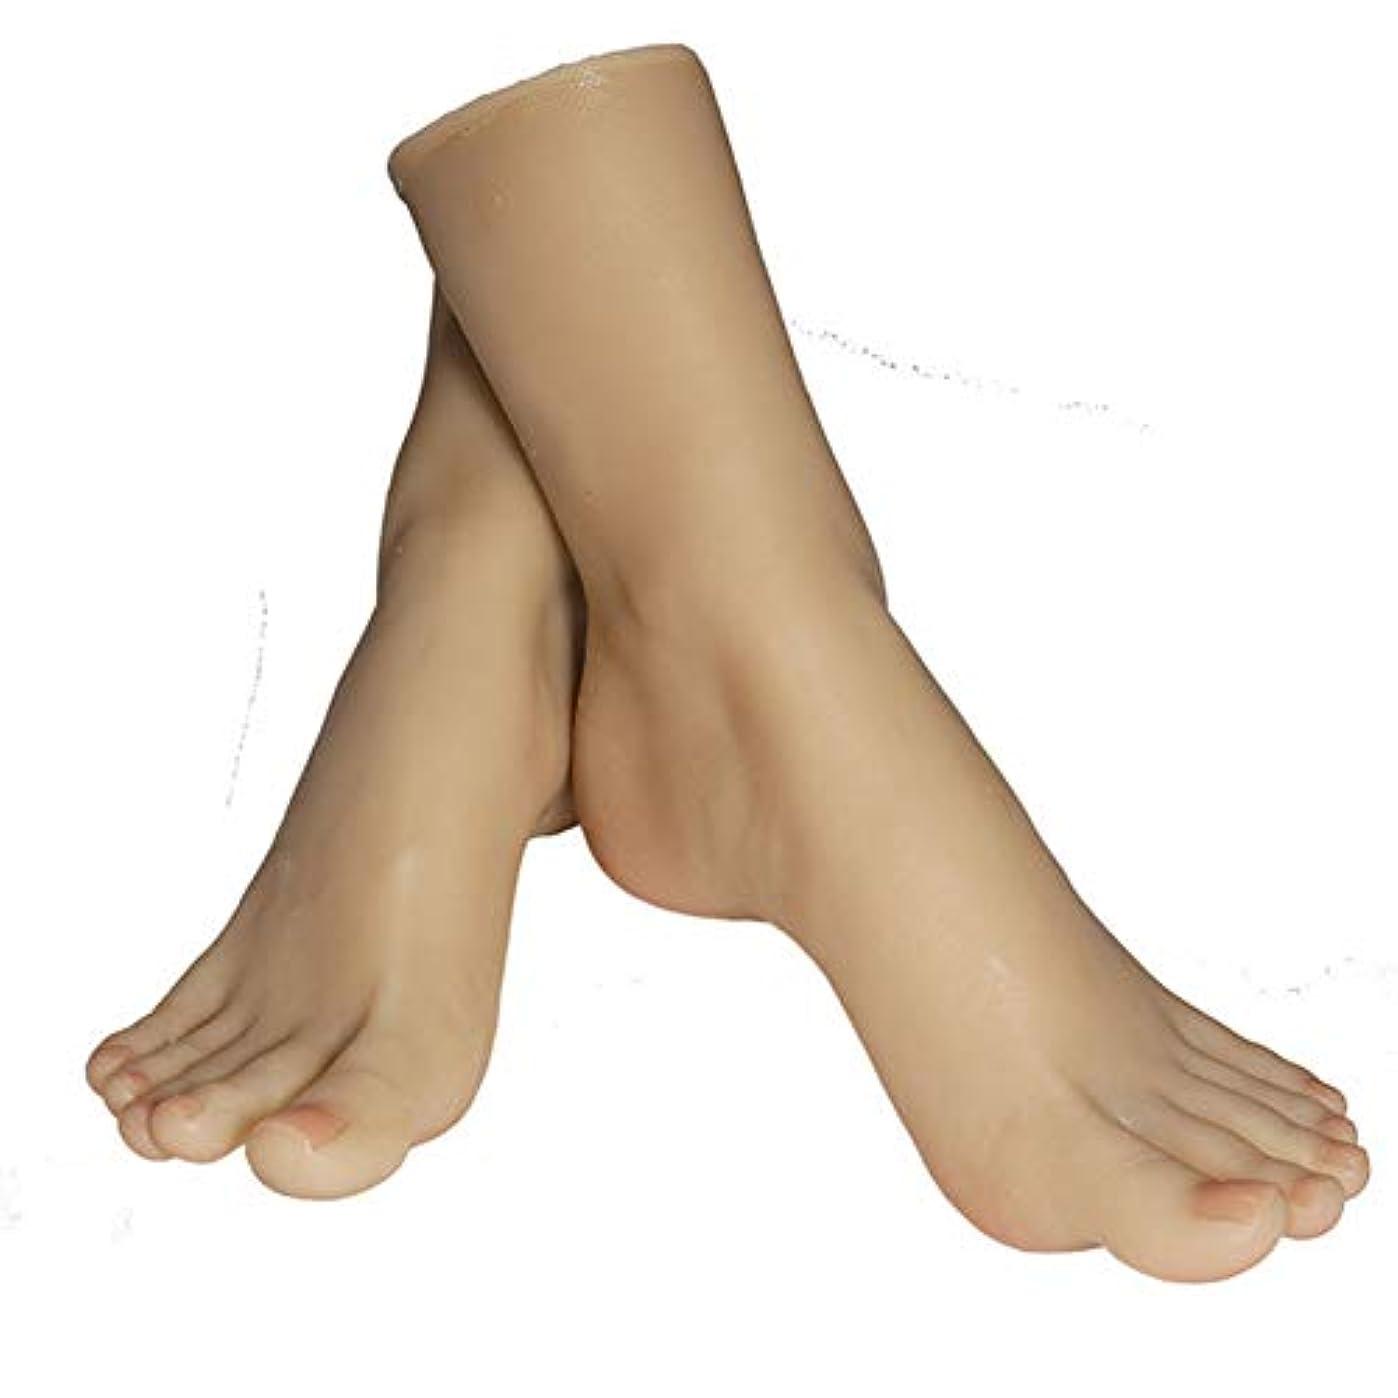 疼痛アドバンテージ永遠に1ペアのLifeSizeシリコーン女性のマネキンフットディスプレイJewerlyサンダル靴ソックス表示アートスケッチ